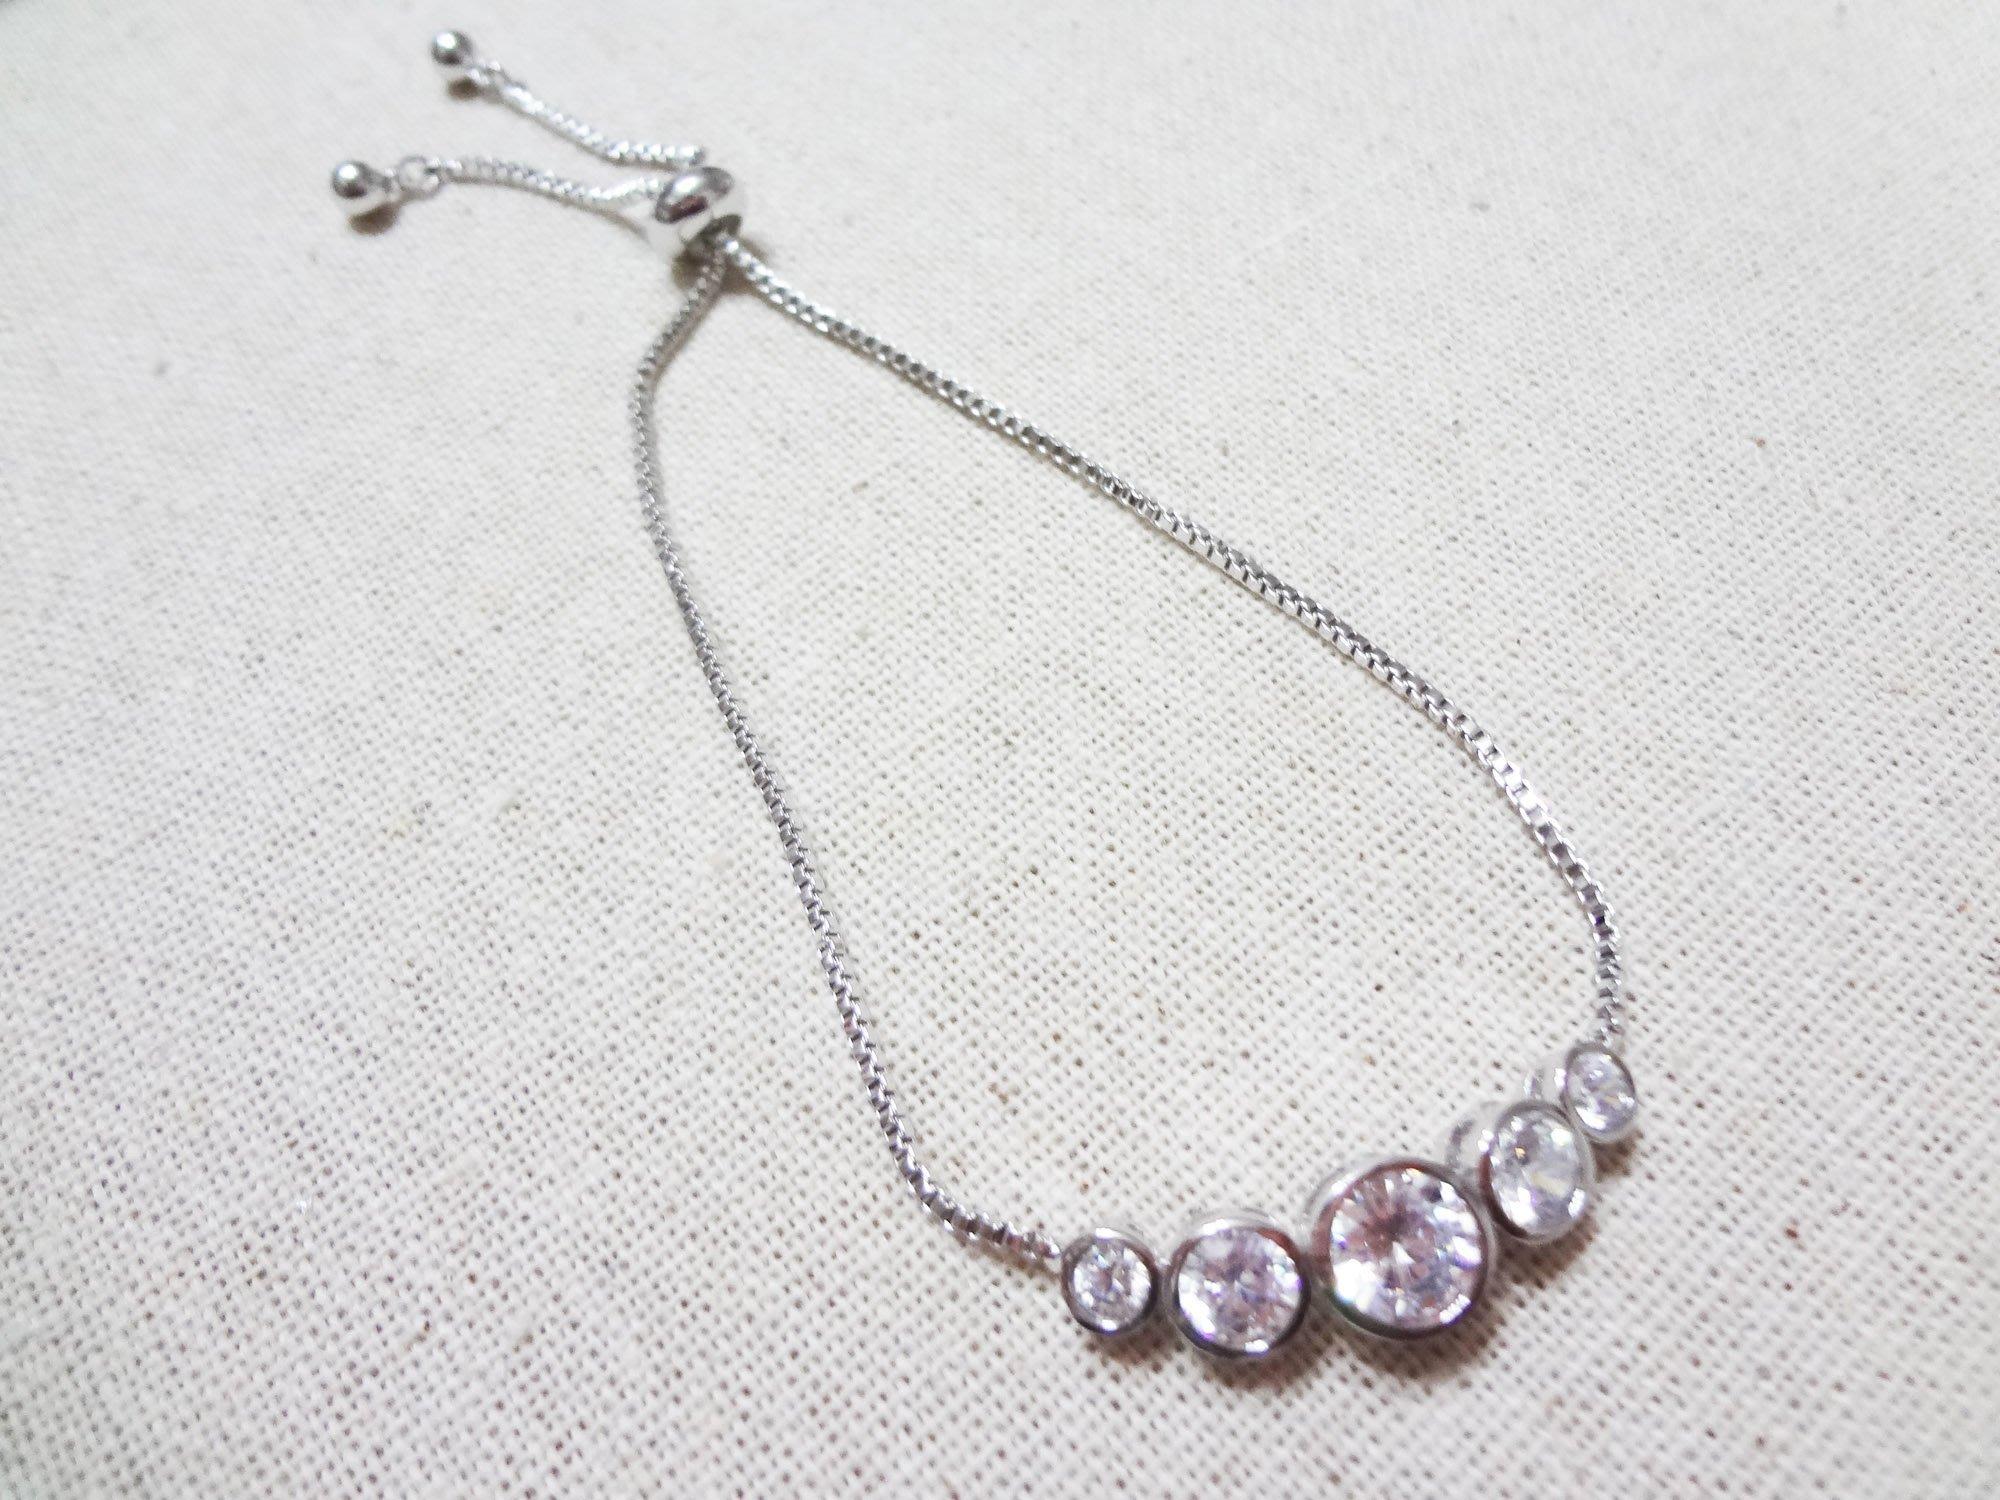 【Love Trina】8110-0221 簡約幾何圓形亮鑽可調式伸縮手鍊。可調式手鍊-(銀色)